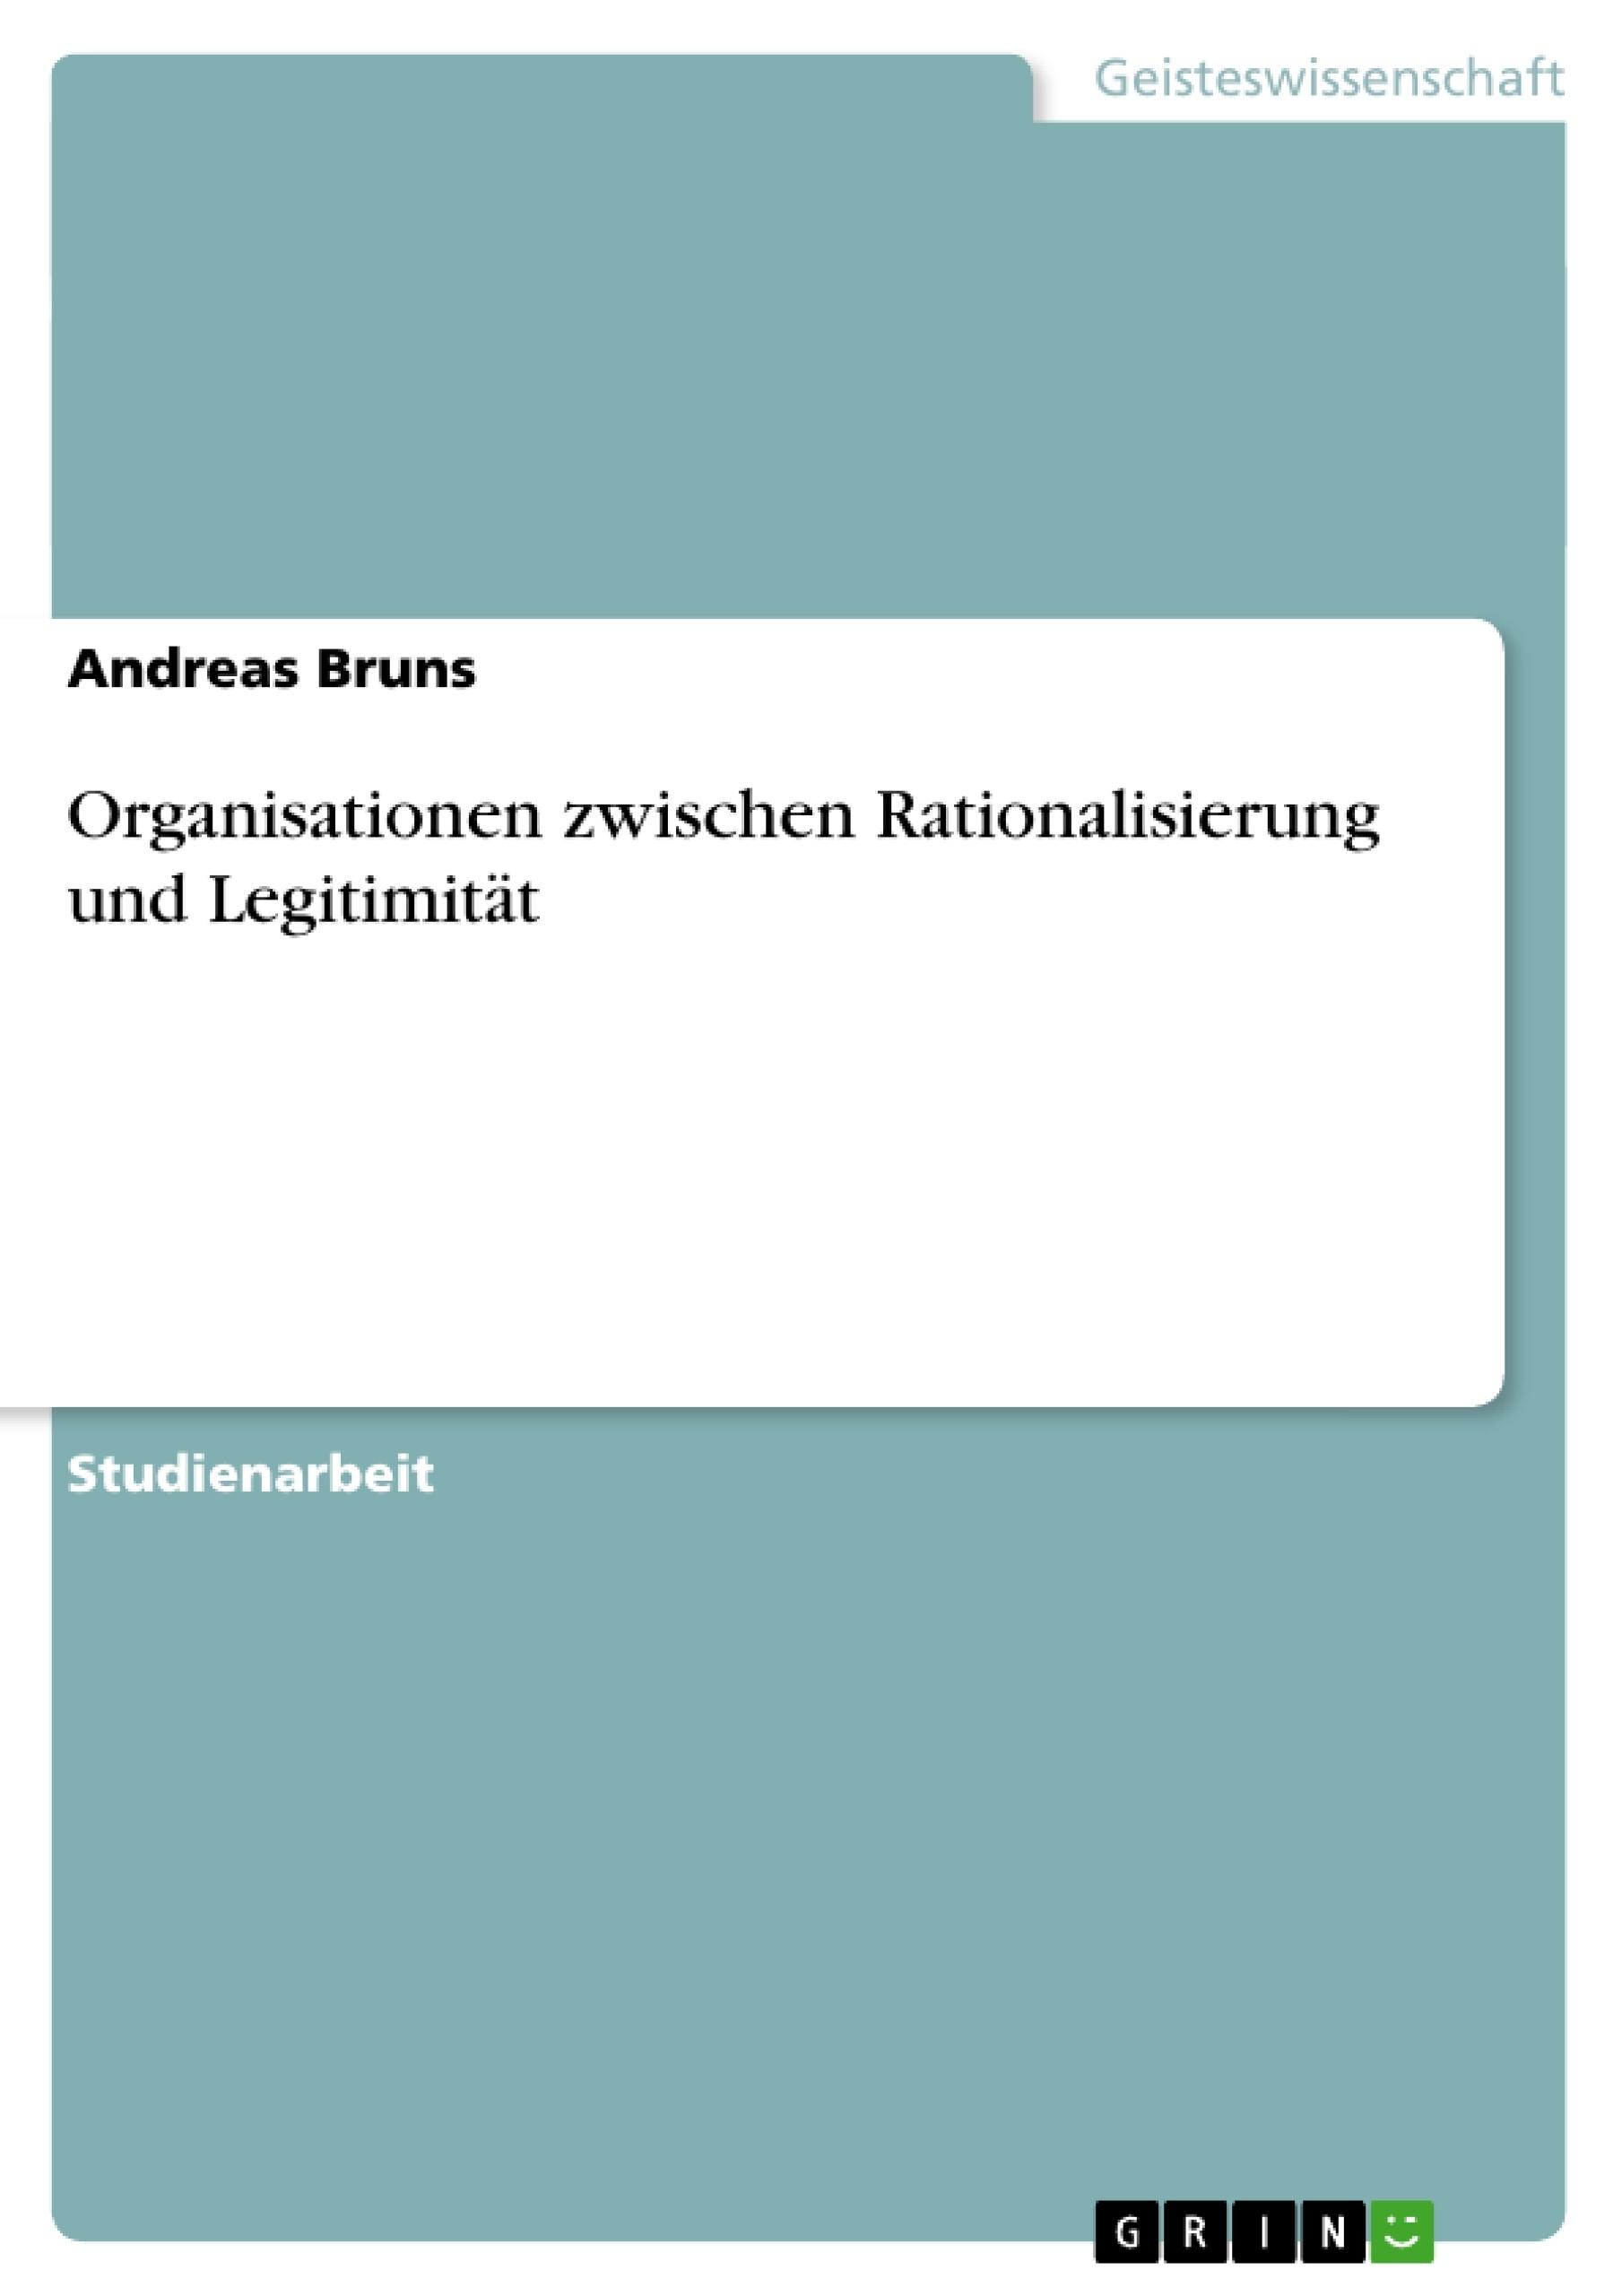 Titel: Organisationen zwischen Rationalisierung und Legitimität